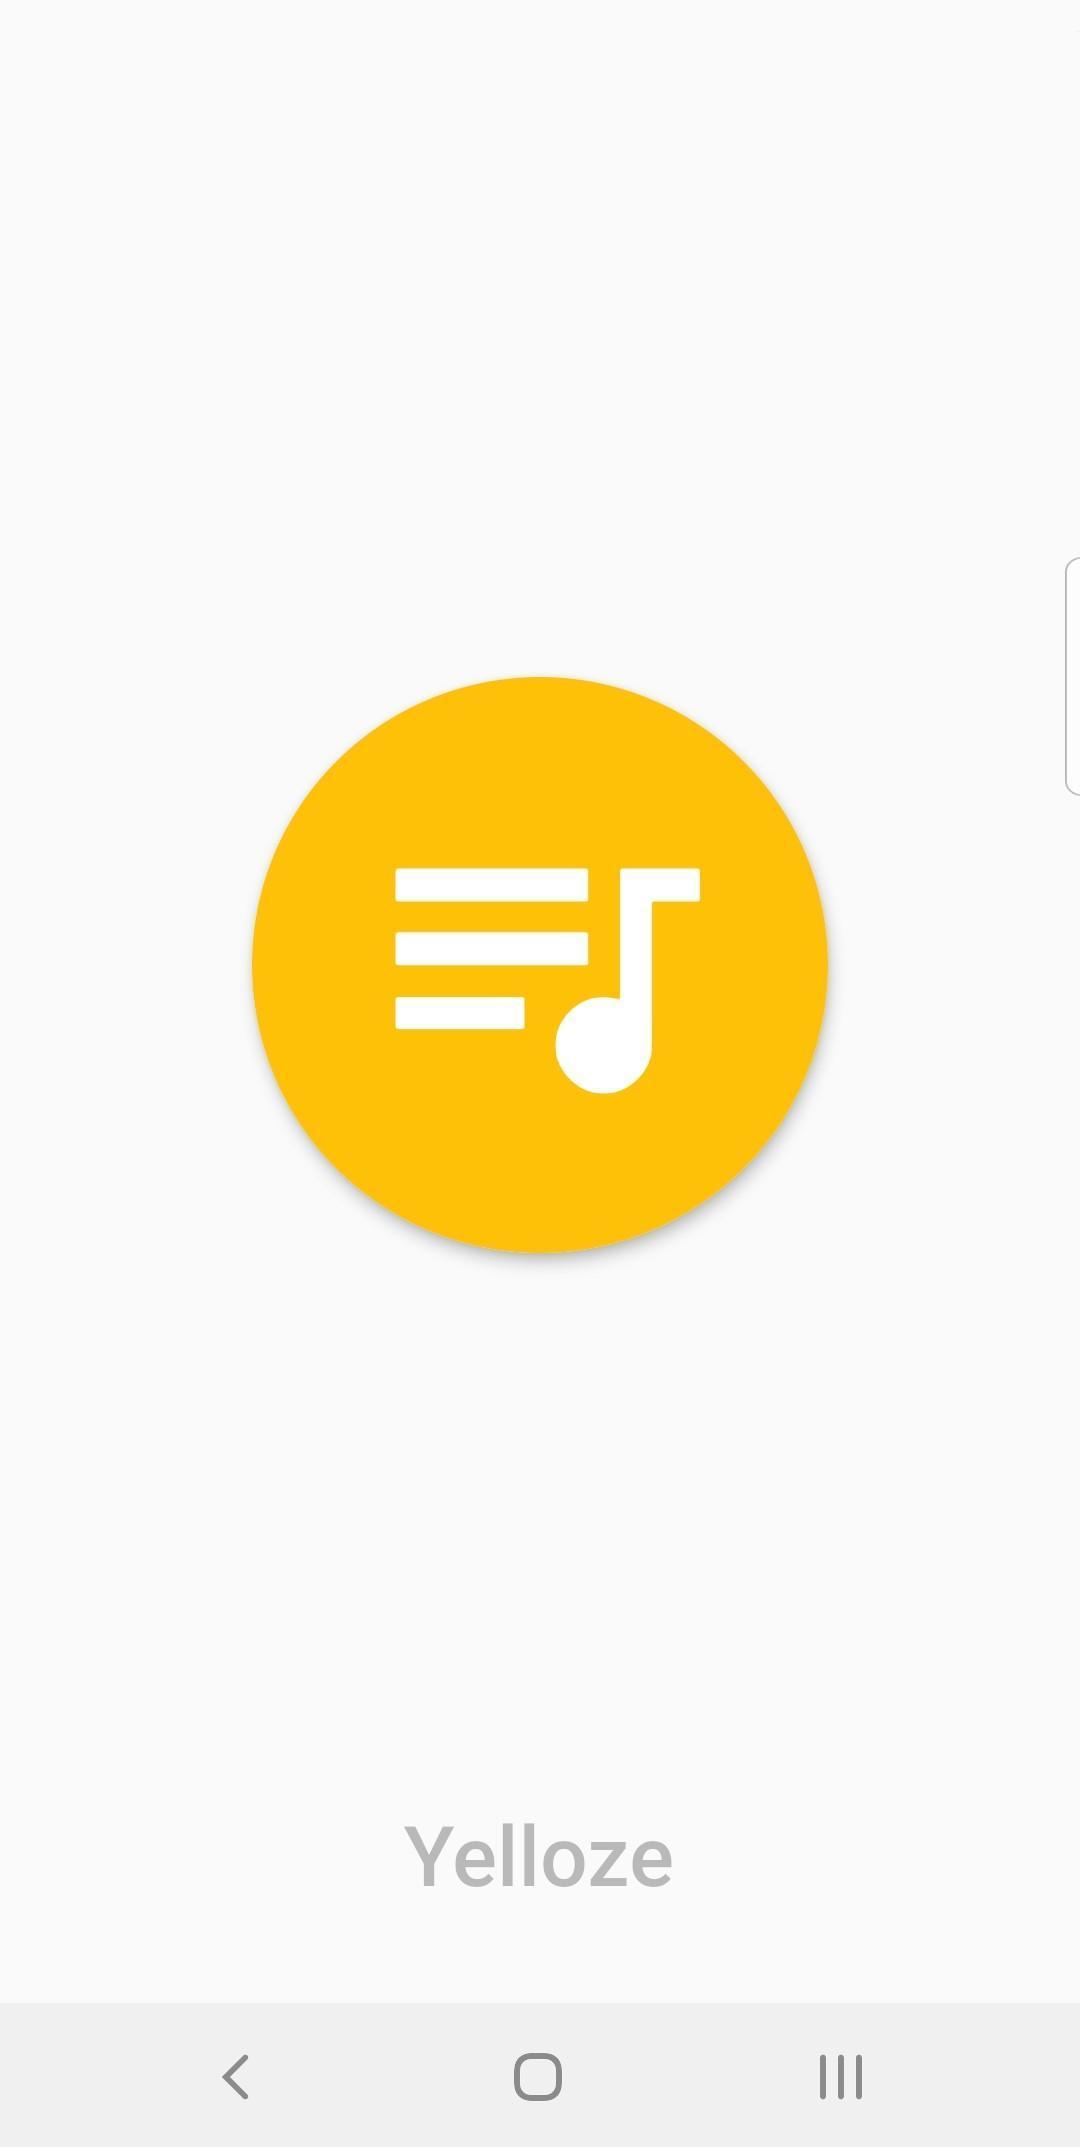 """Ë®¤ì§ì°¨íŠ¸ ̋¤ì‹œê°"""" ̝Œì•…순위 ̝Œì•…차트 Ë®¤ì§ìˆœìœ"""" ̝Œì›ìˆœìœ"""" Ê°€ì˜¨ì°¨íŠ¸ ˹Œë³´ë""""œì°¨íŠ¸ Pour Android Telechargez L Apk"""